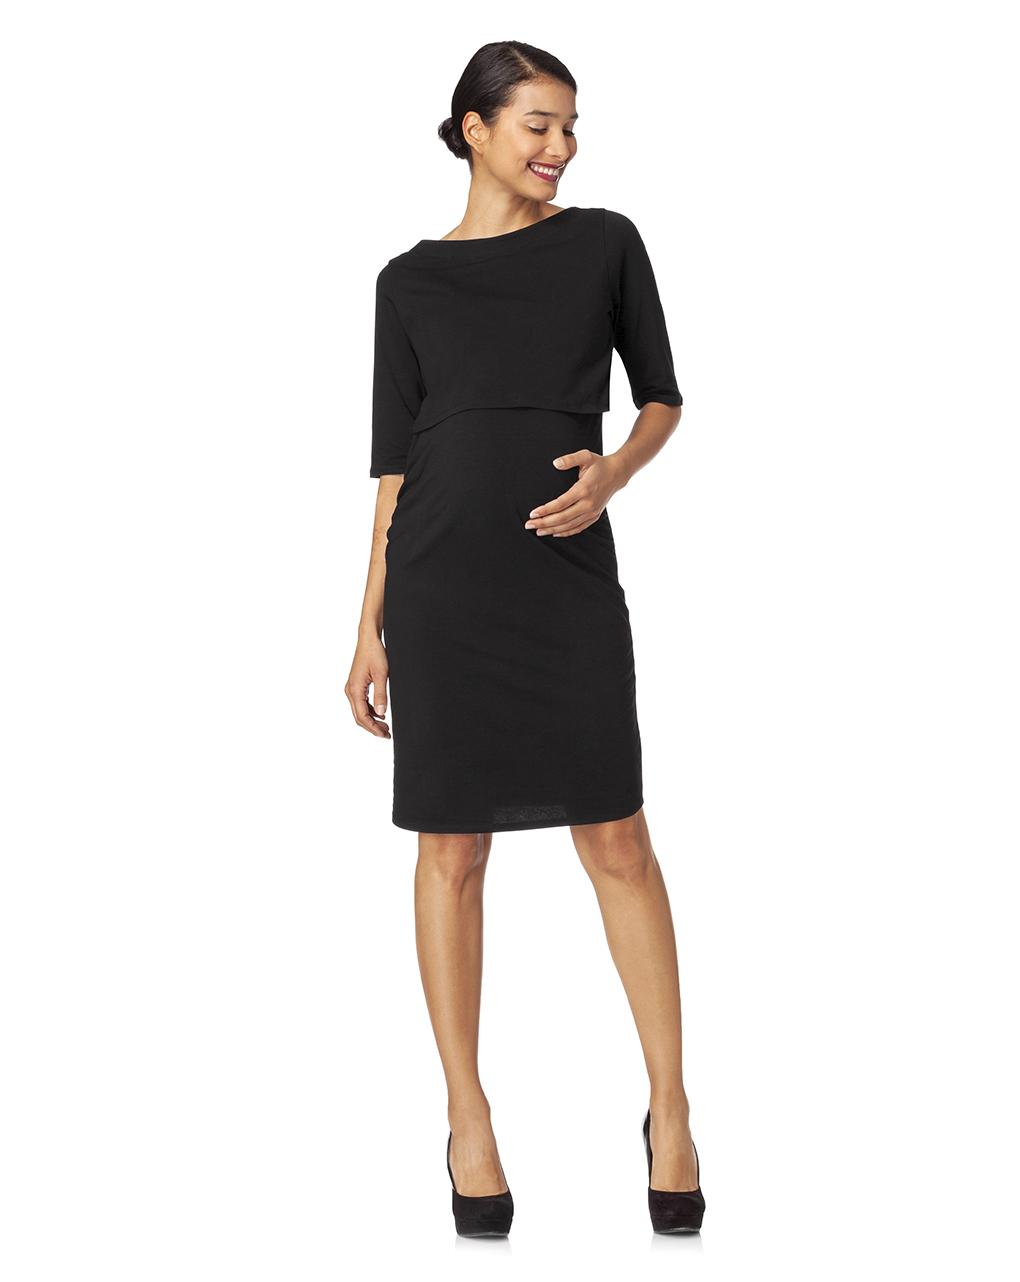 Γυναικείο Φόρεμα Θηλασμού Σωλήνας Μαύρο